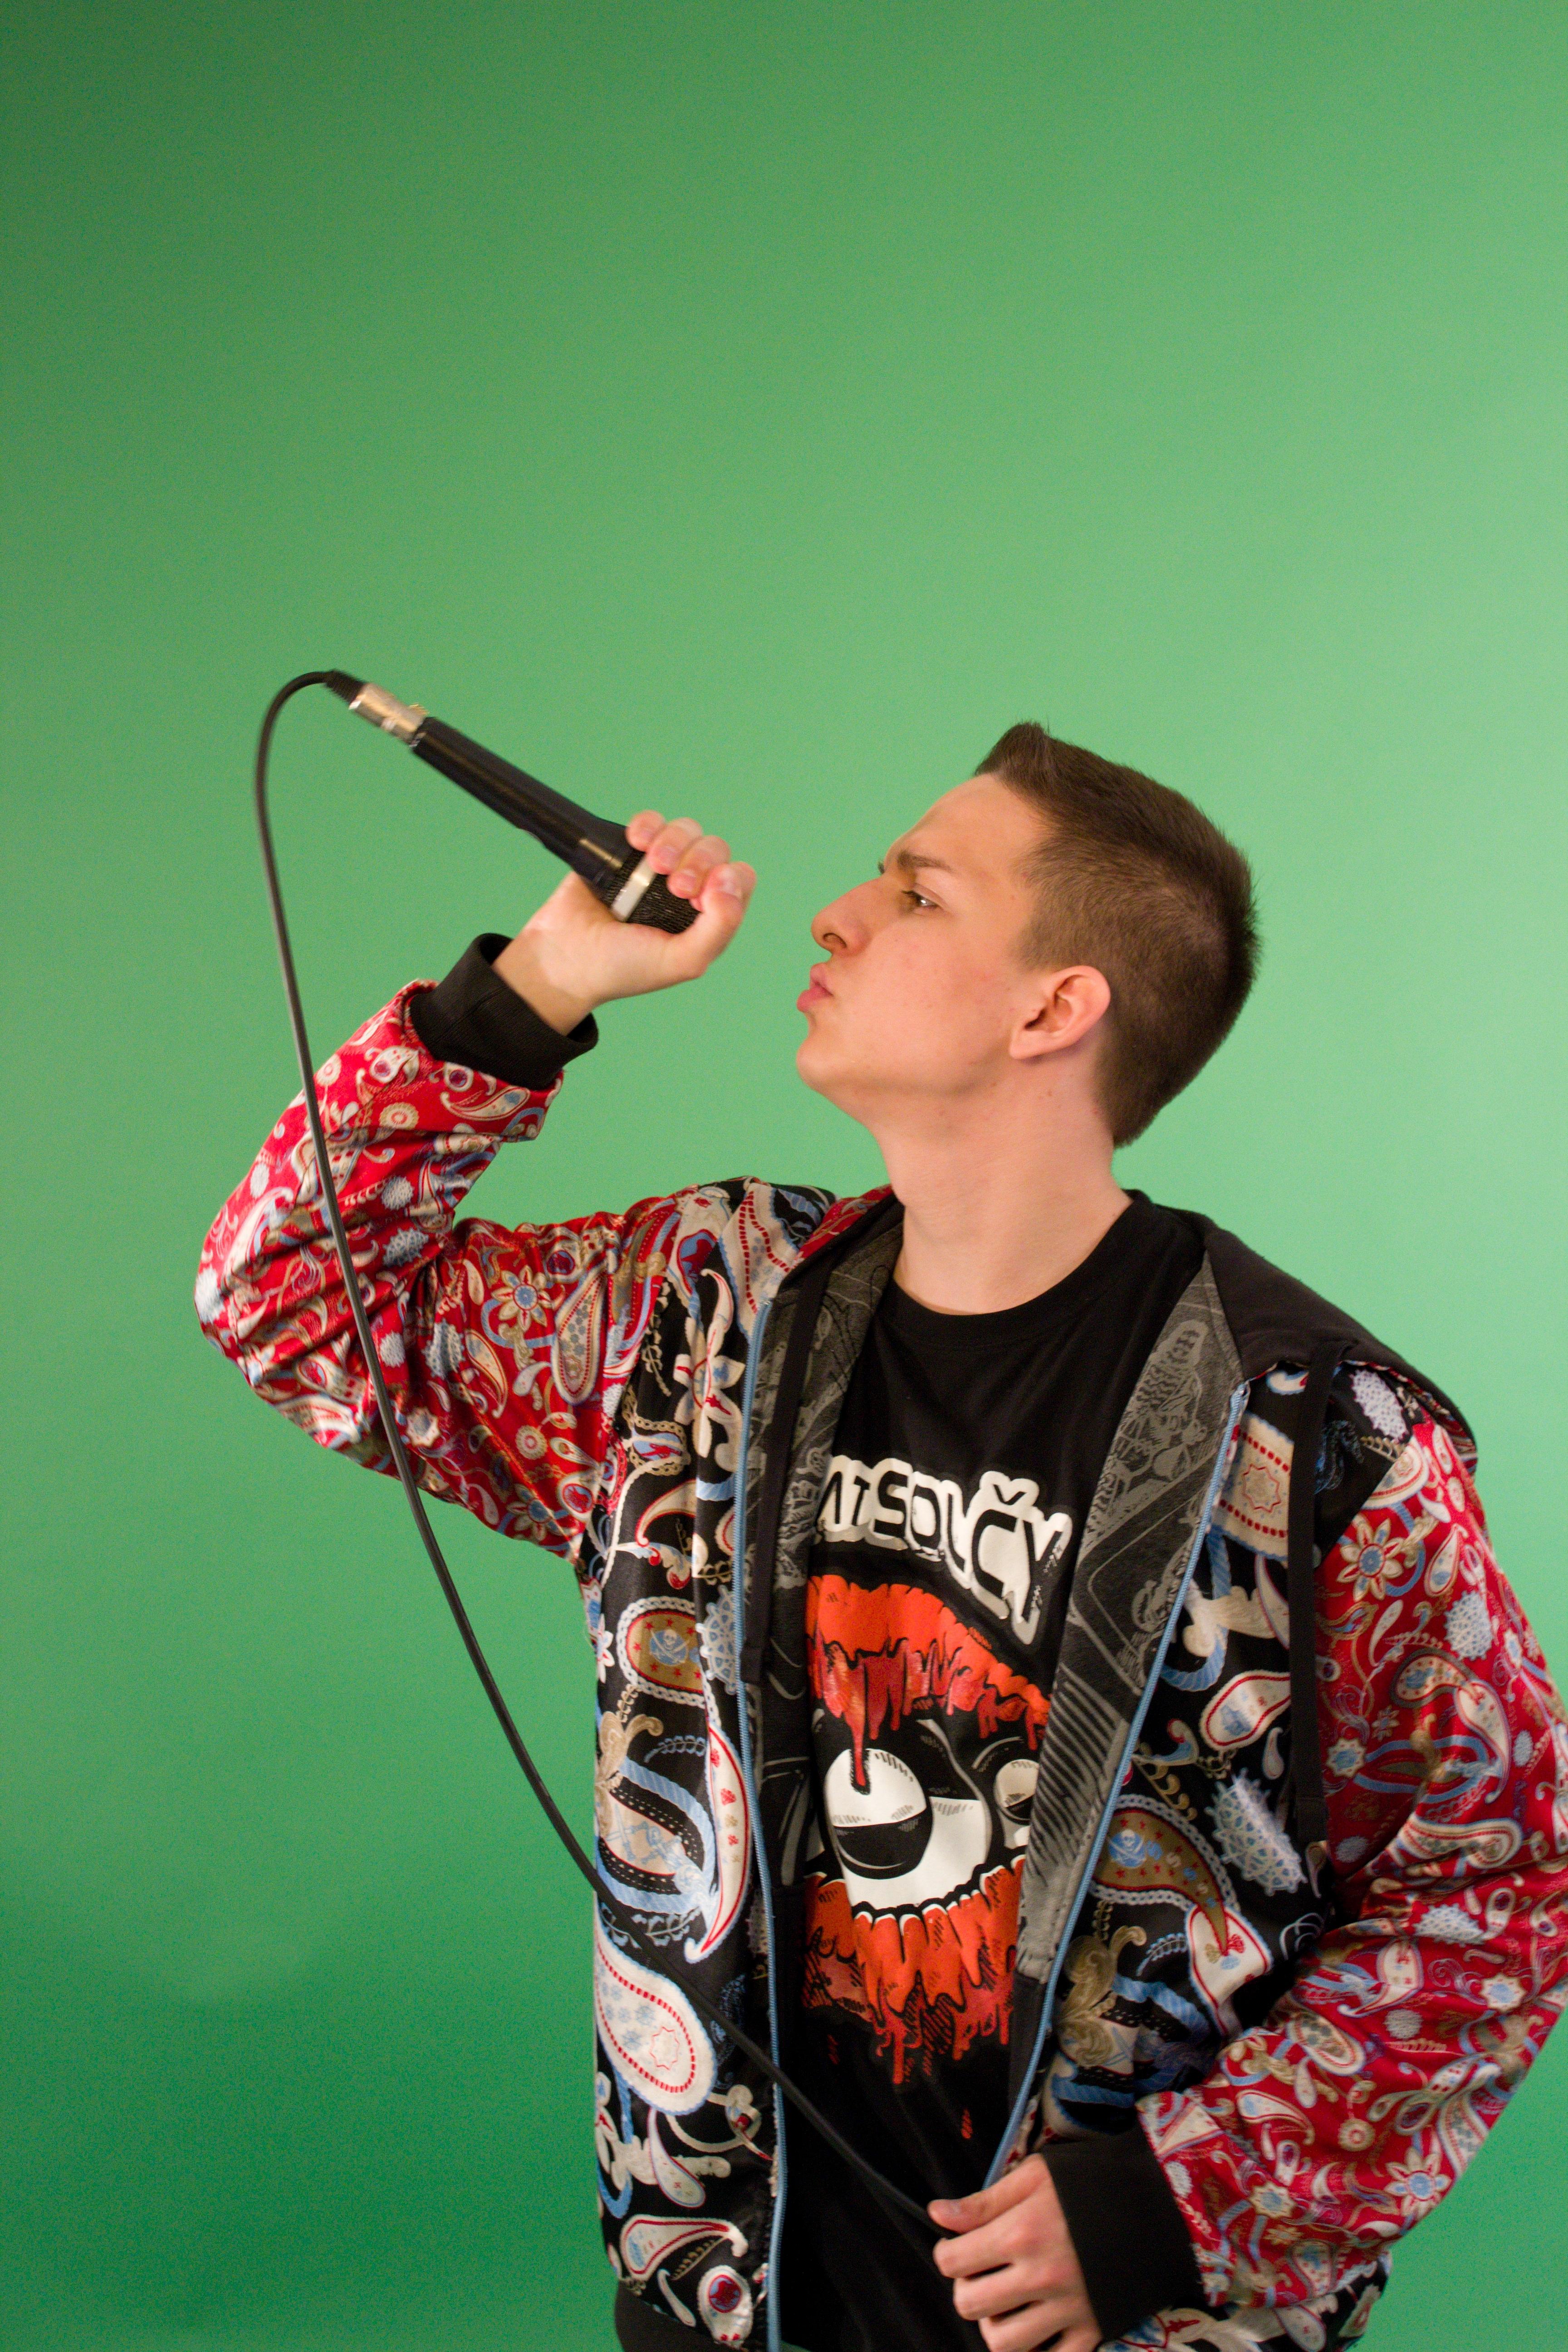 BEATSOLČY - beatboxer